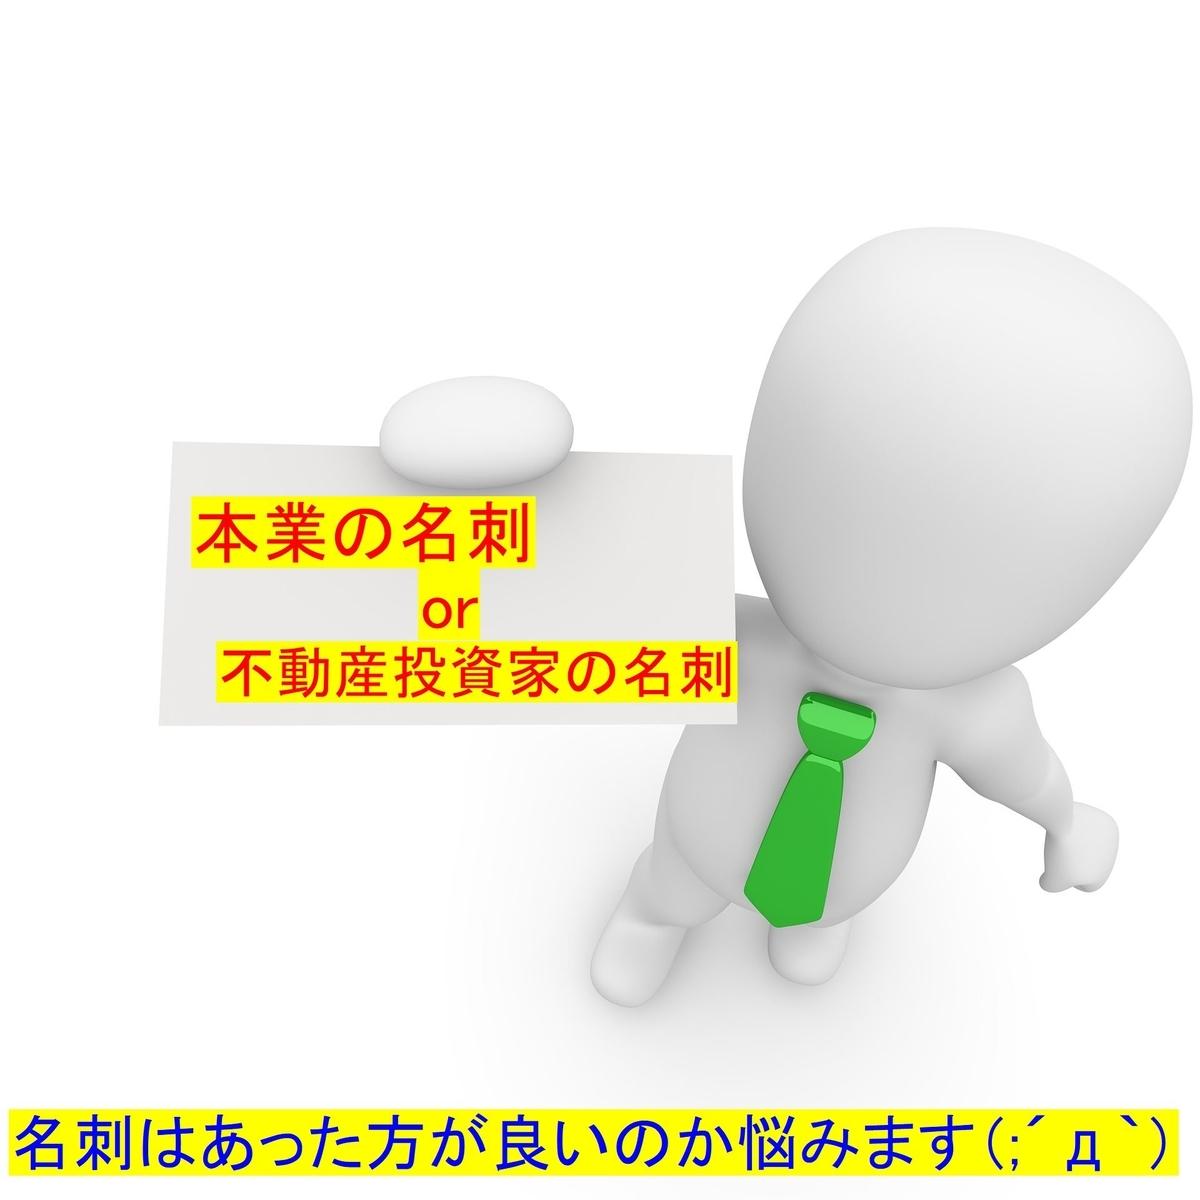 f:id:President168:20200125123551j:plain